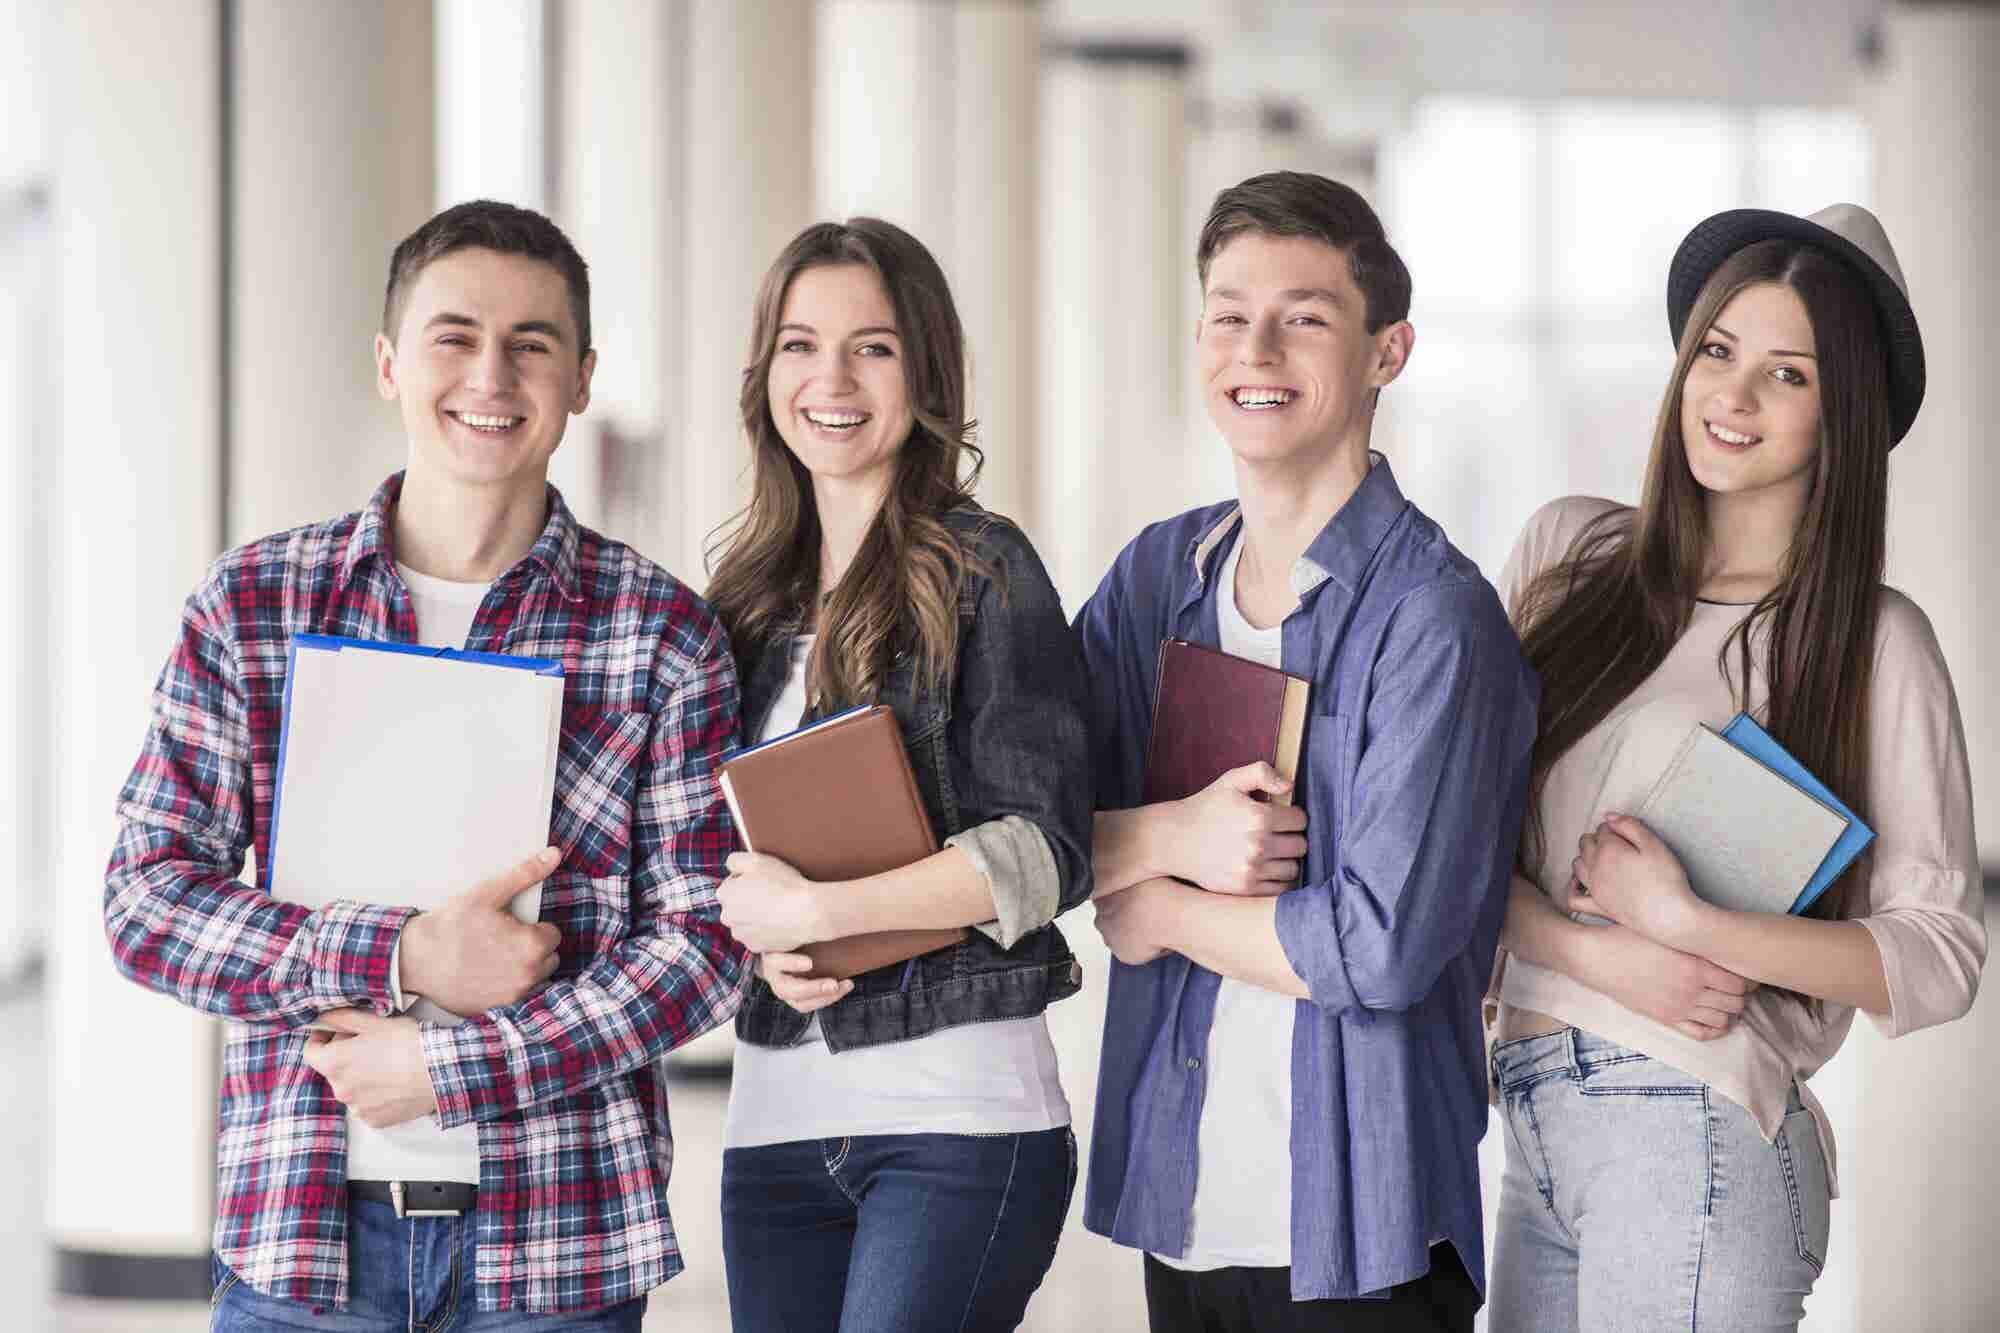 Se buscan jóvenes de entre 14 y 18 años de edad para participar en este bootcamp